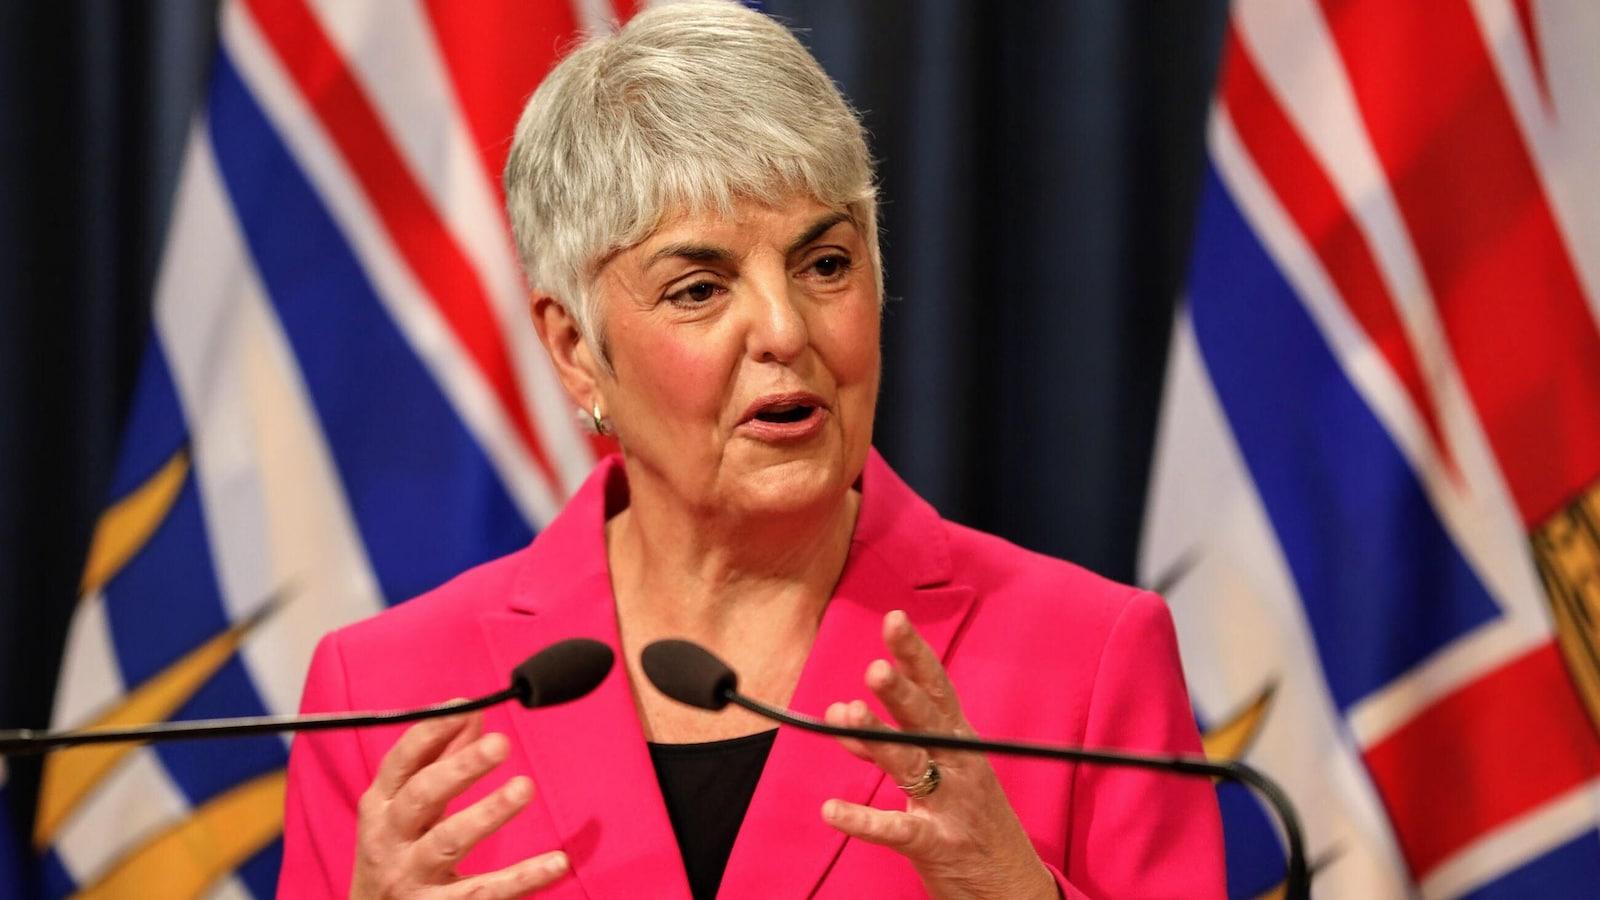 La ministre des Finances Carole James, une femme aux cheveux courts et blancs qui porte un veston rose, se trouve devant des micros. Derrière elle. se trouve un drapeau de la Colombie-Britannique.